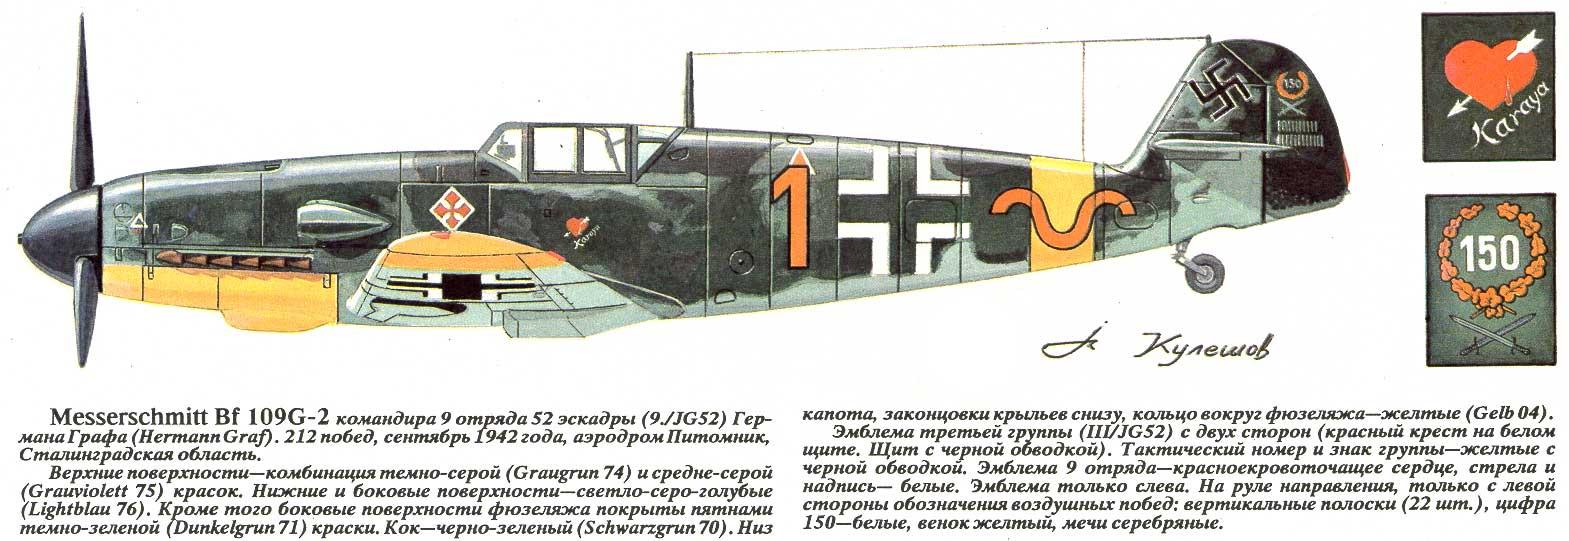 http://sf.uploads.ru/Uye3D.jpg